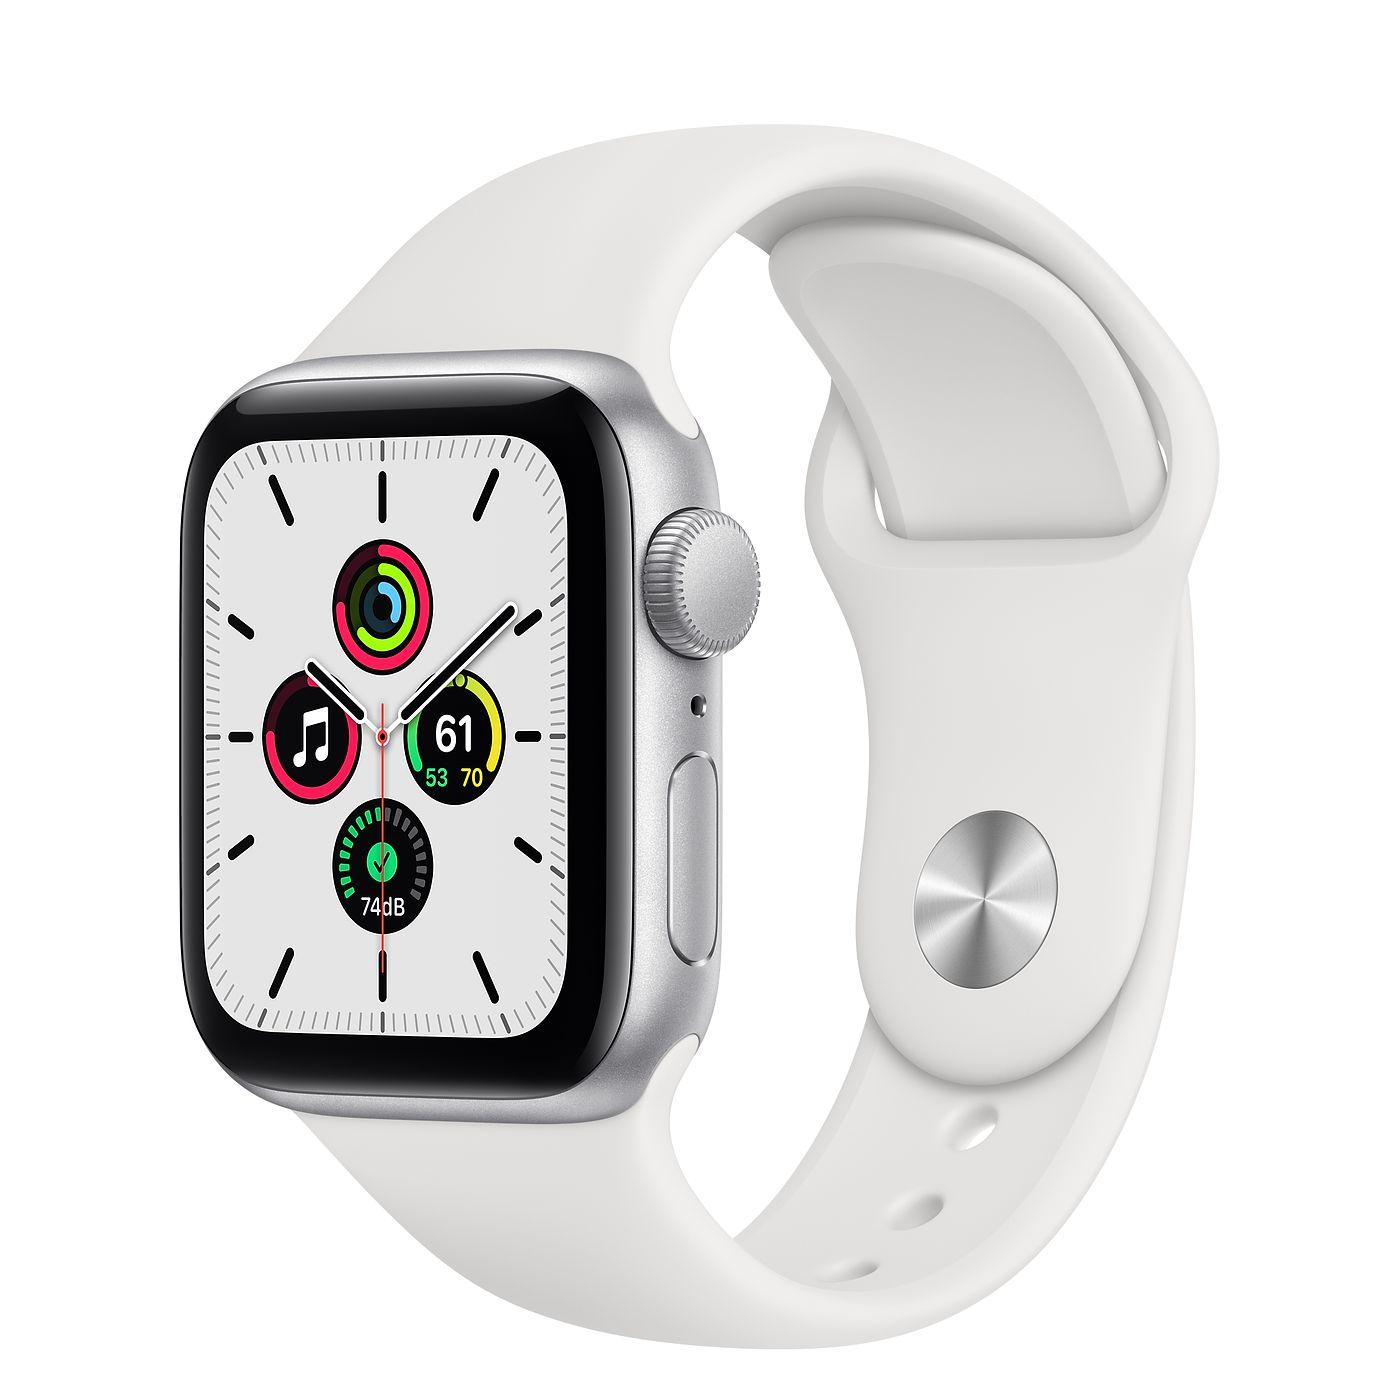 Apple 2020년 애플워치 SE, GPS, 실버 알루미늄 케이스, 화이트 스포츠 밴드